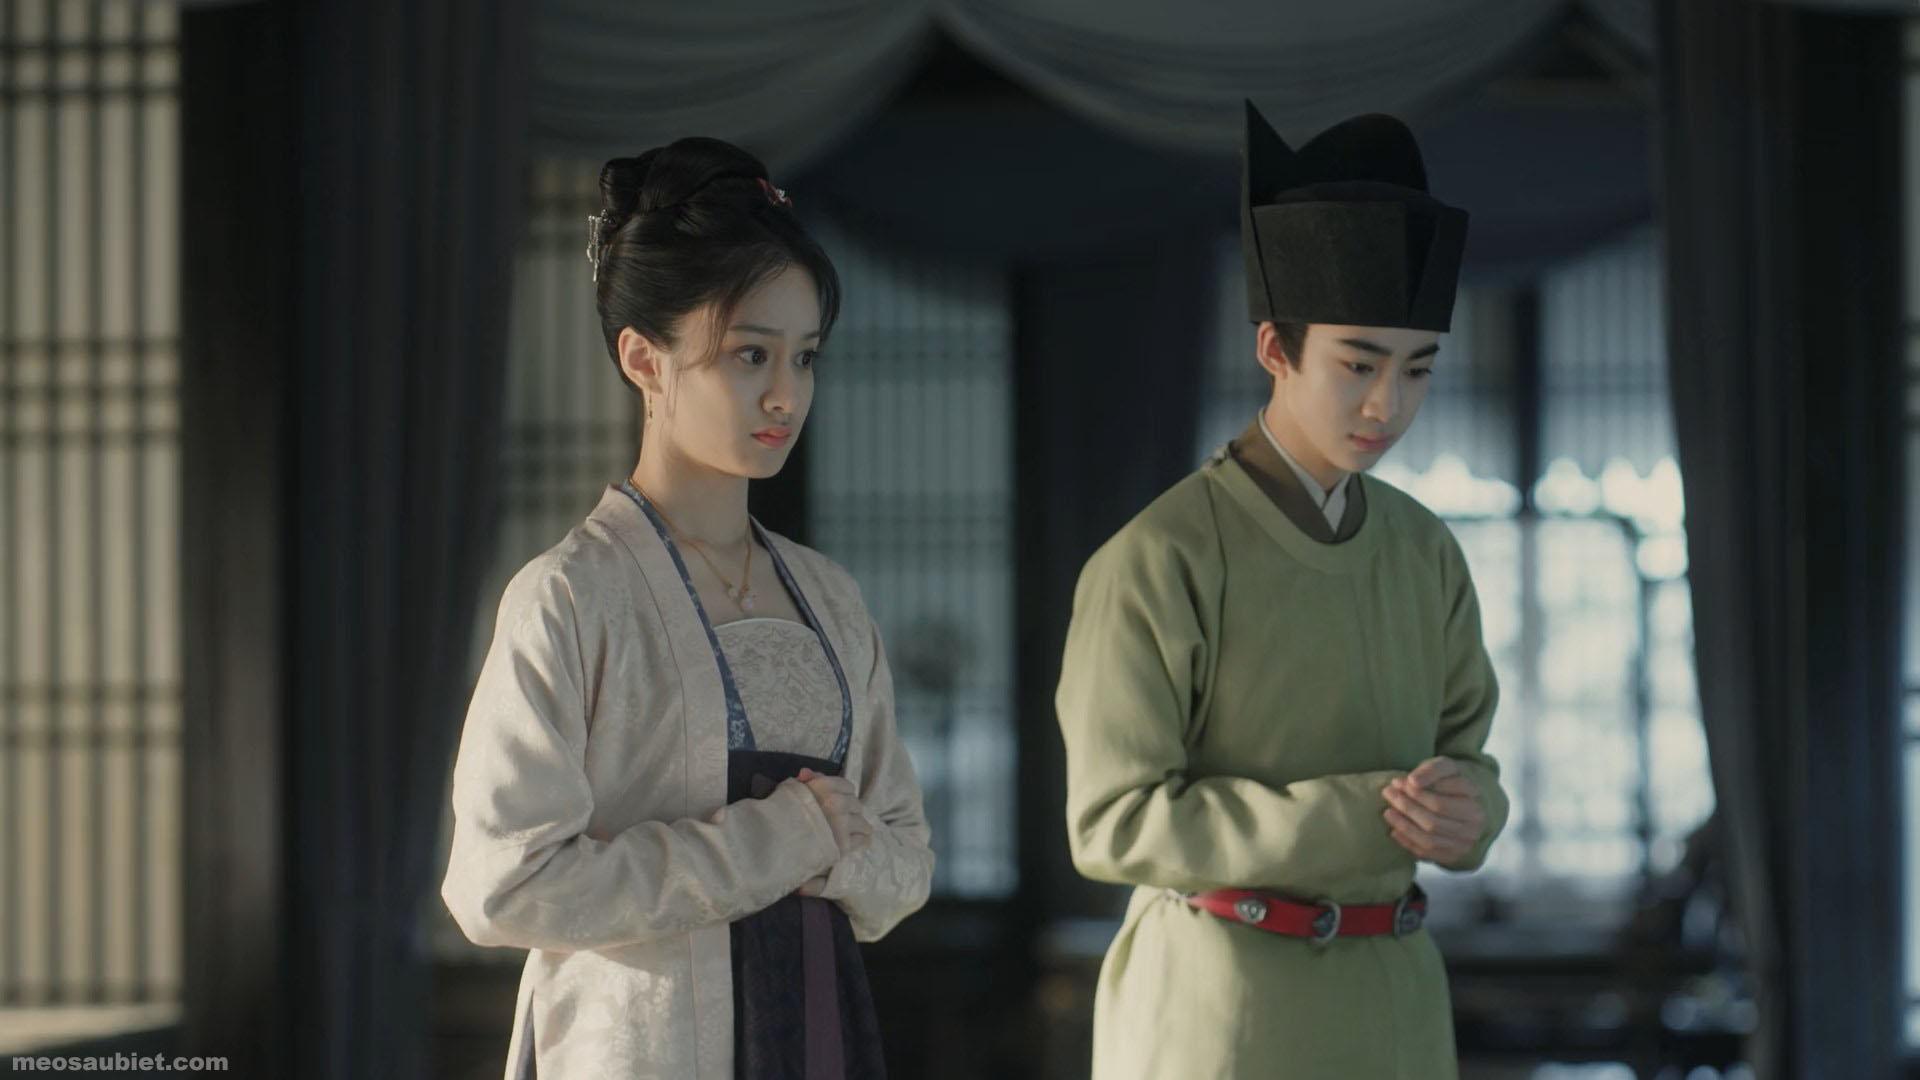 Thanh Bình Nhạc 2020 Lục Nghiên Kỳ trong vai Đổng Thu Hòa